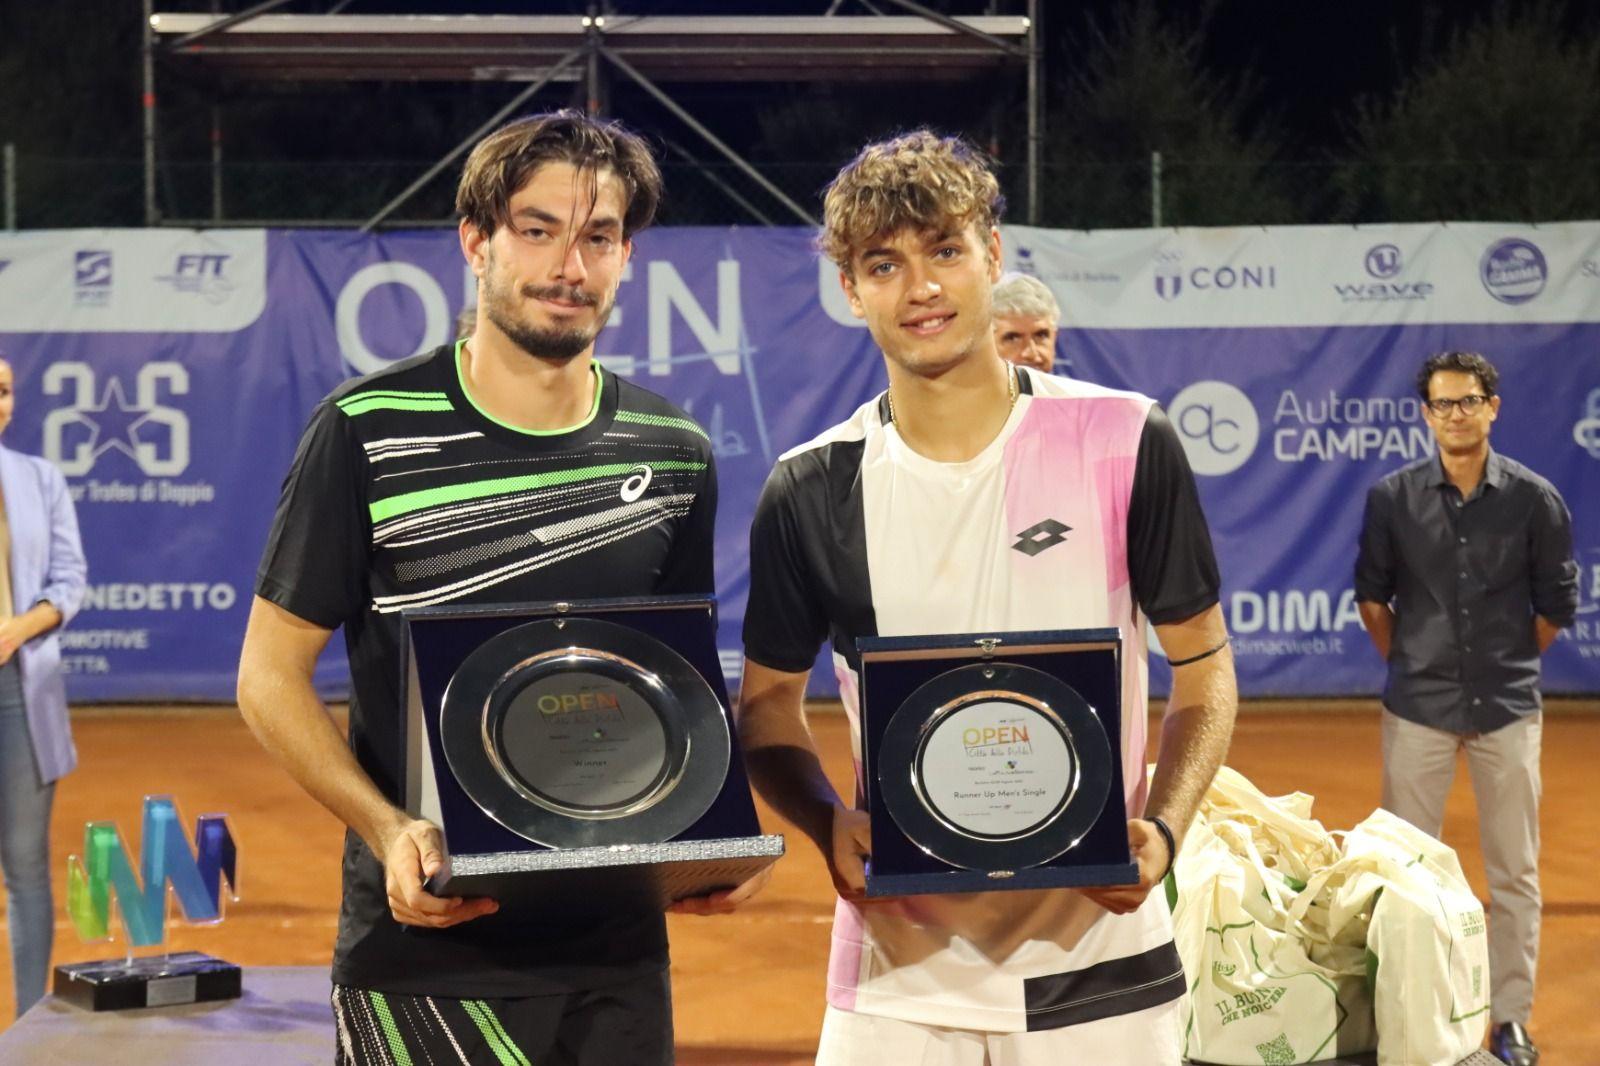 Giulio Zeppieri e Flavio Cobolli nella foto